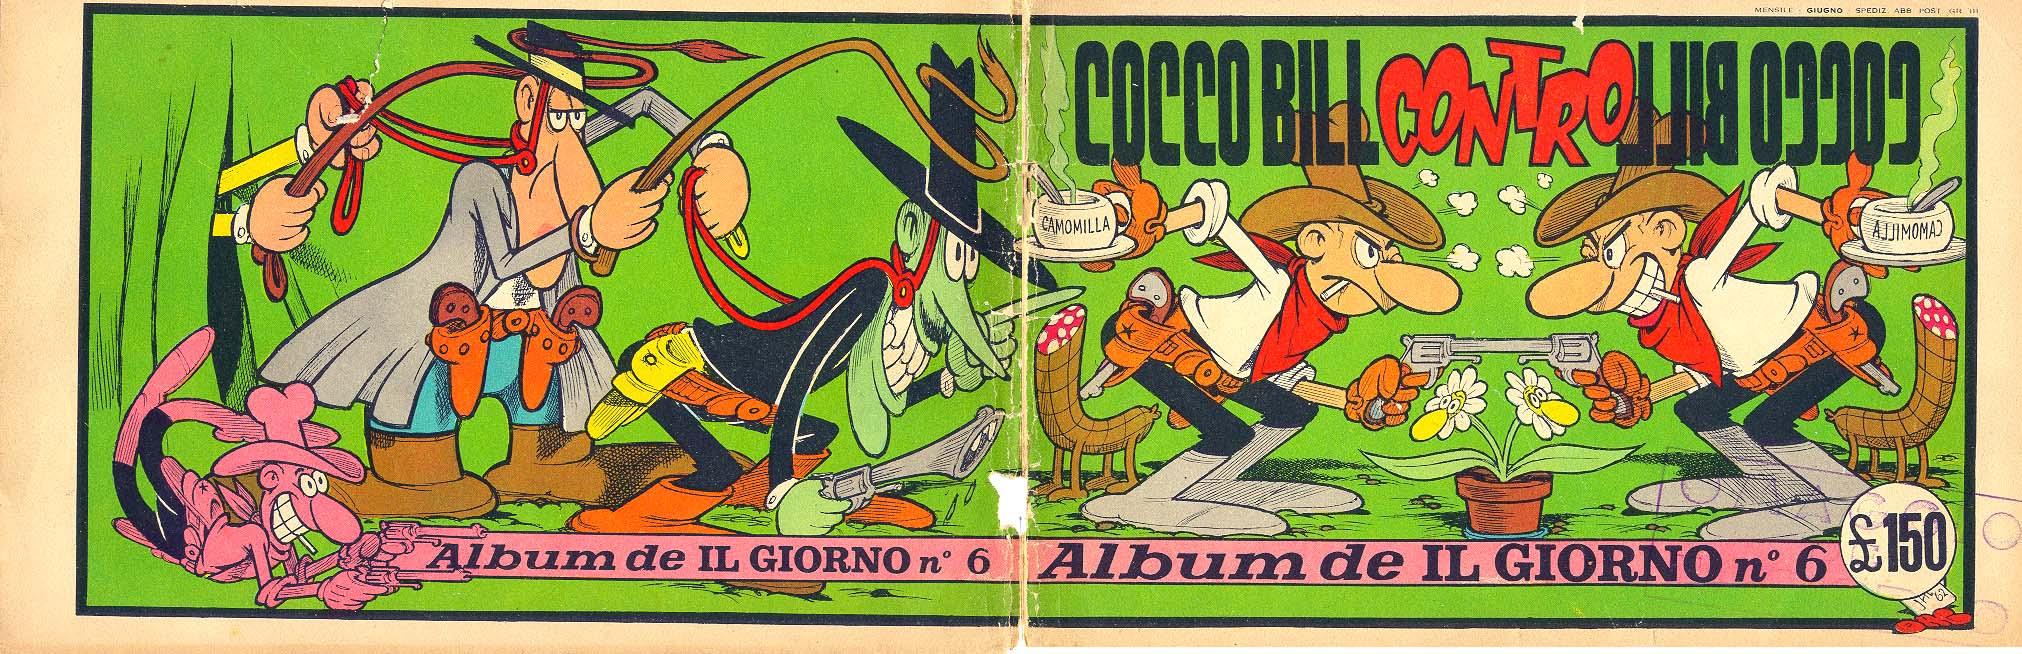 Cocco-Bill-Album-De-il-Giorno-1957